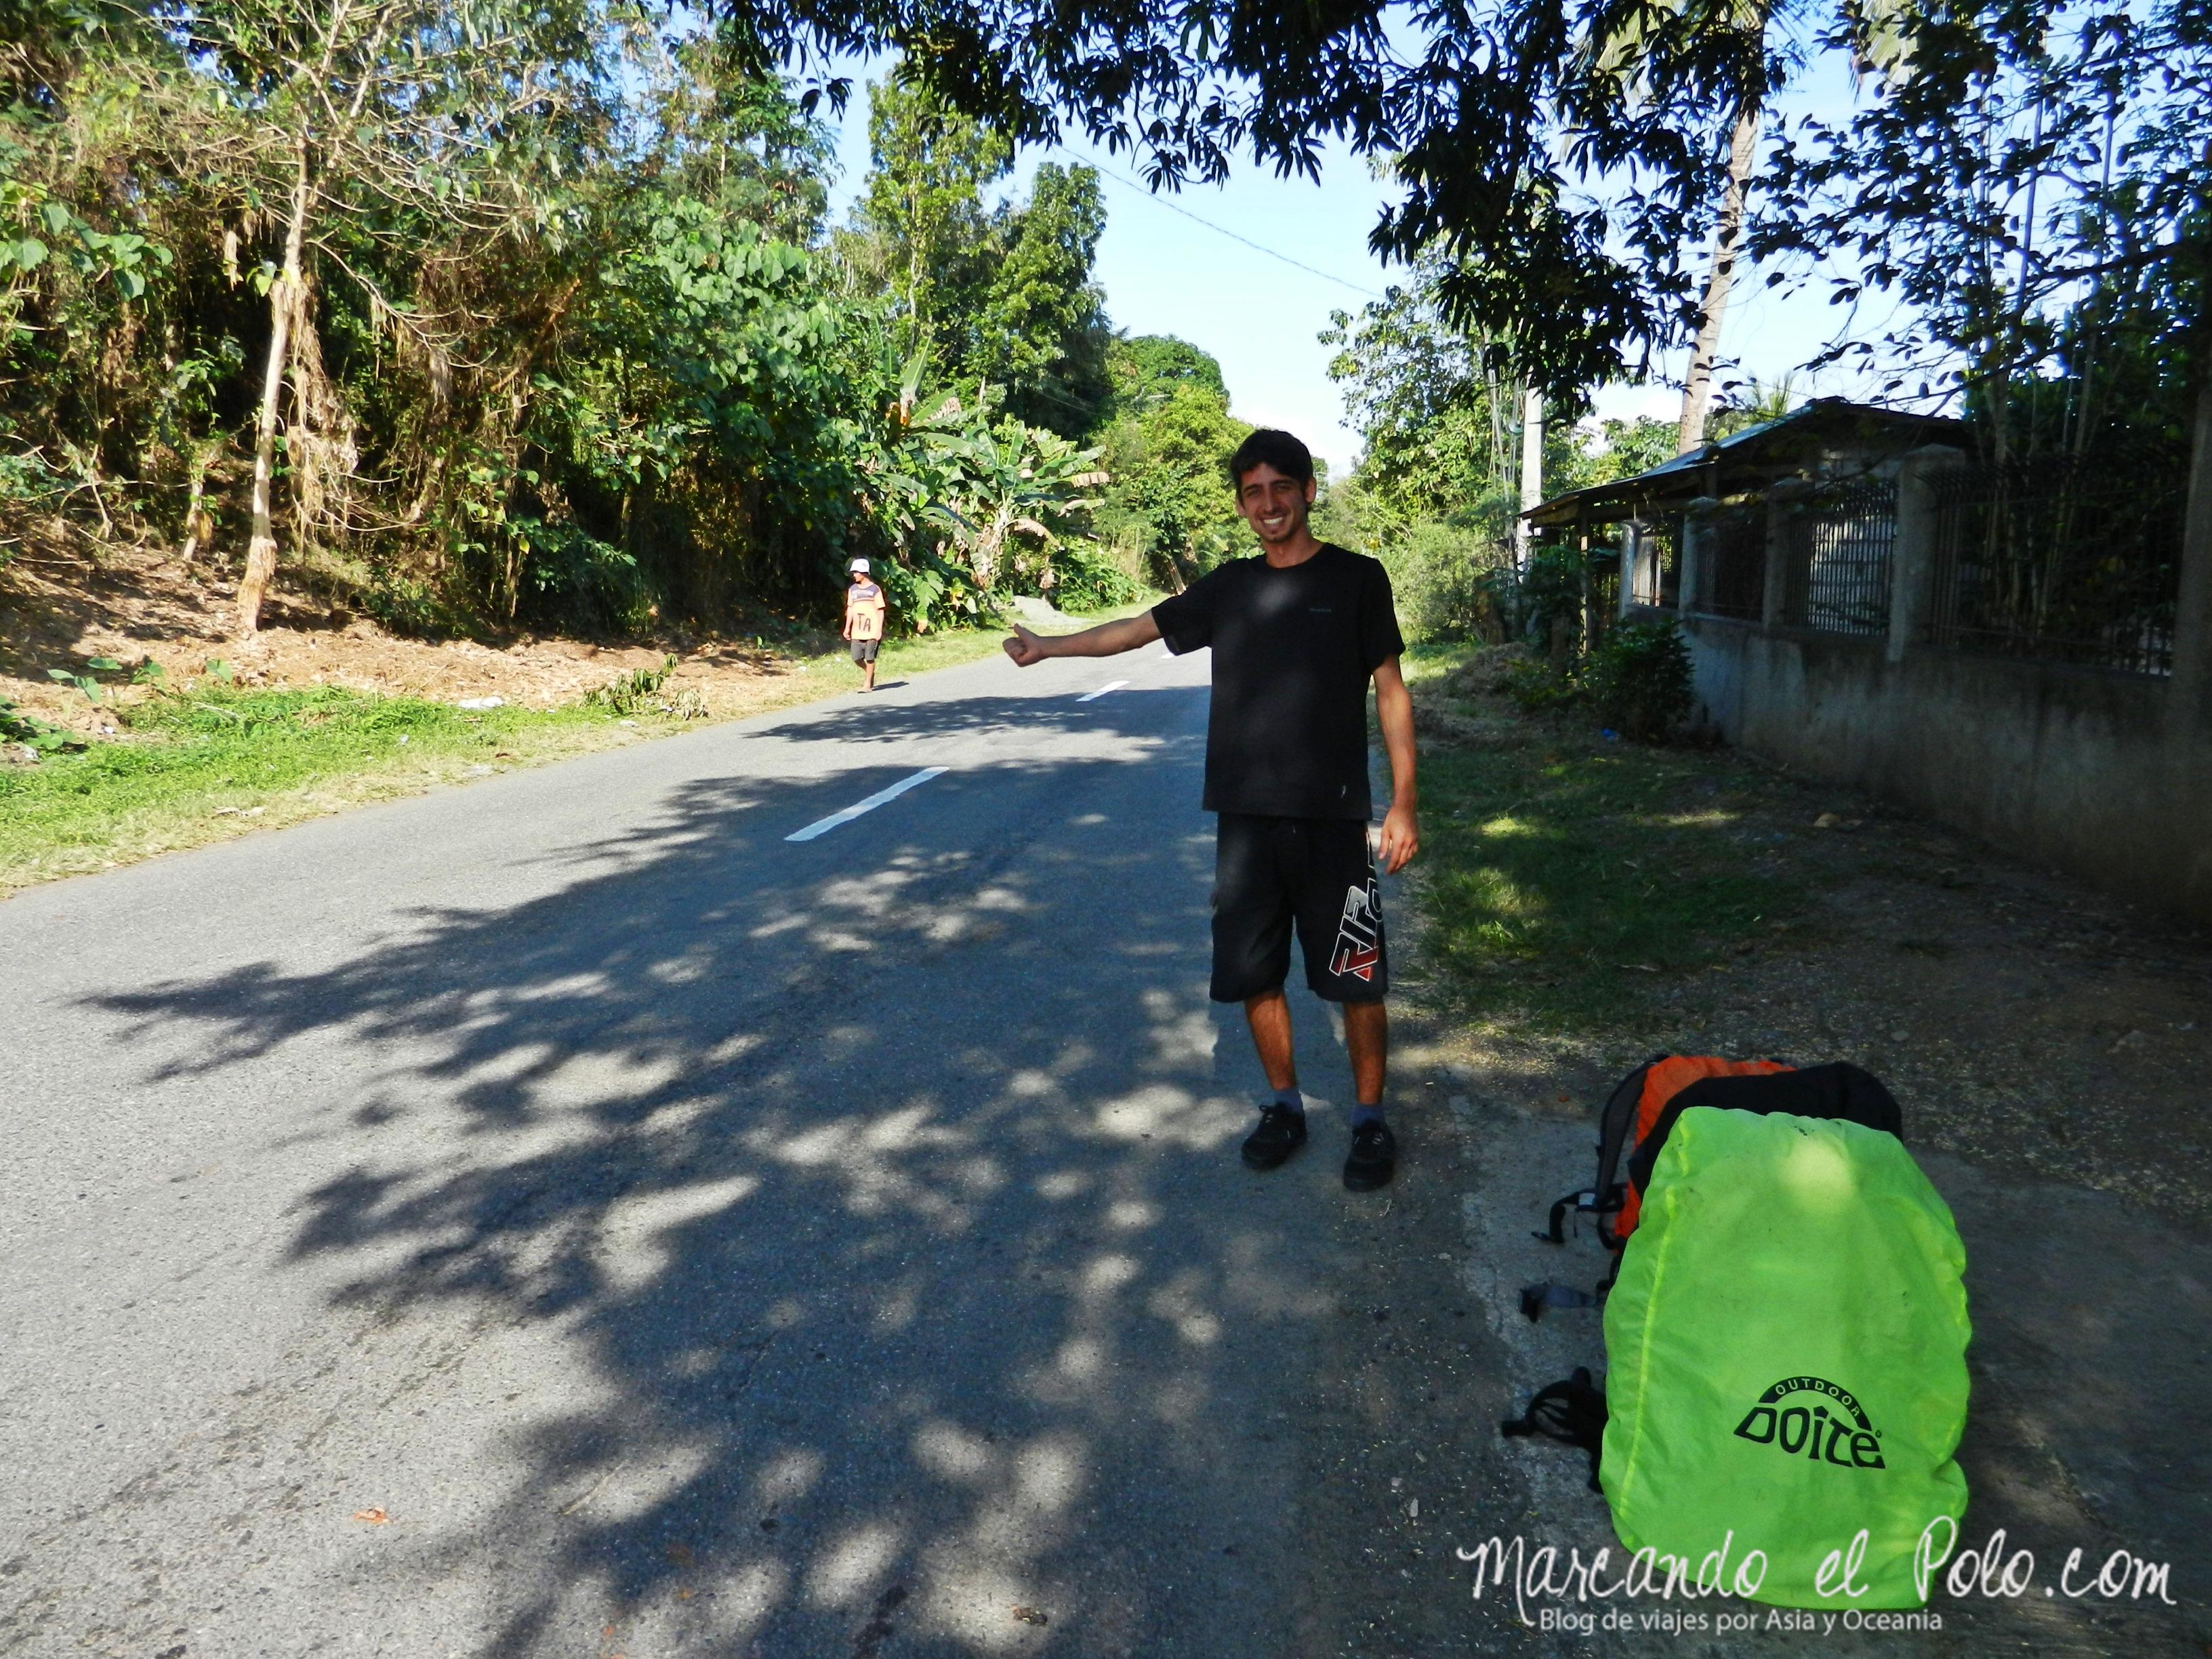 Terrazas de arroz filipinas: en la ruta